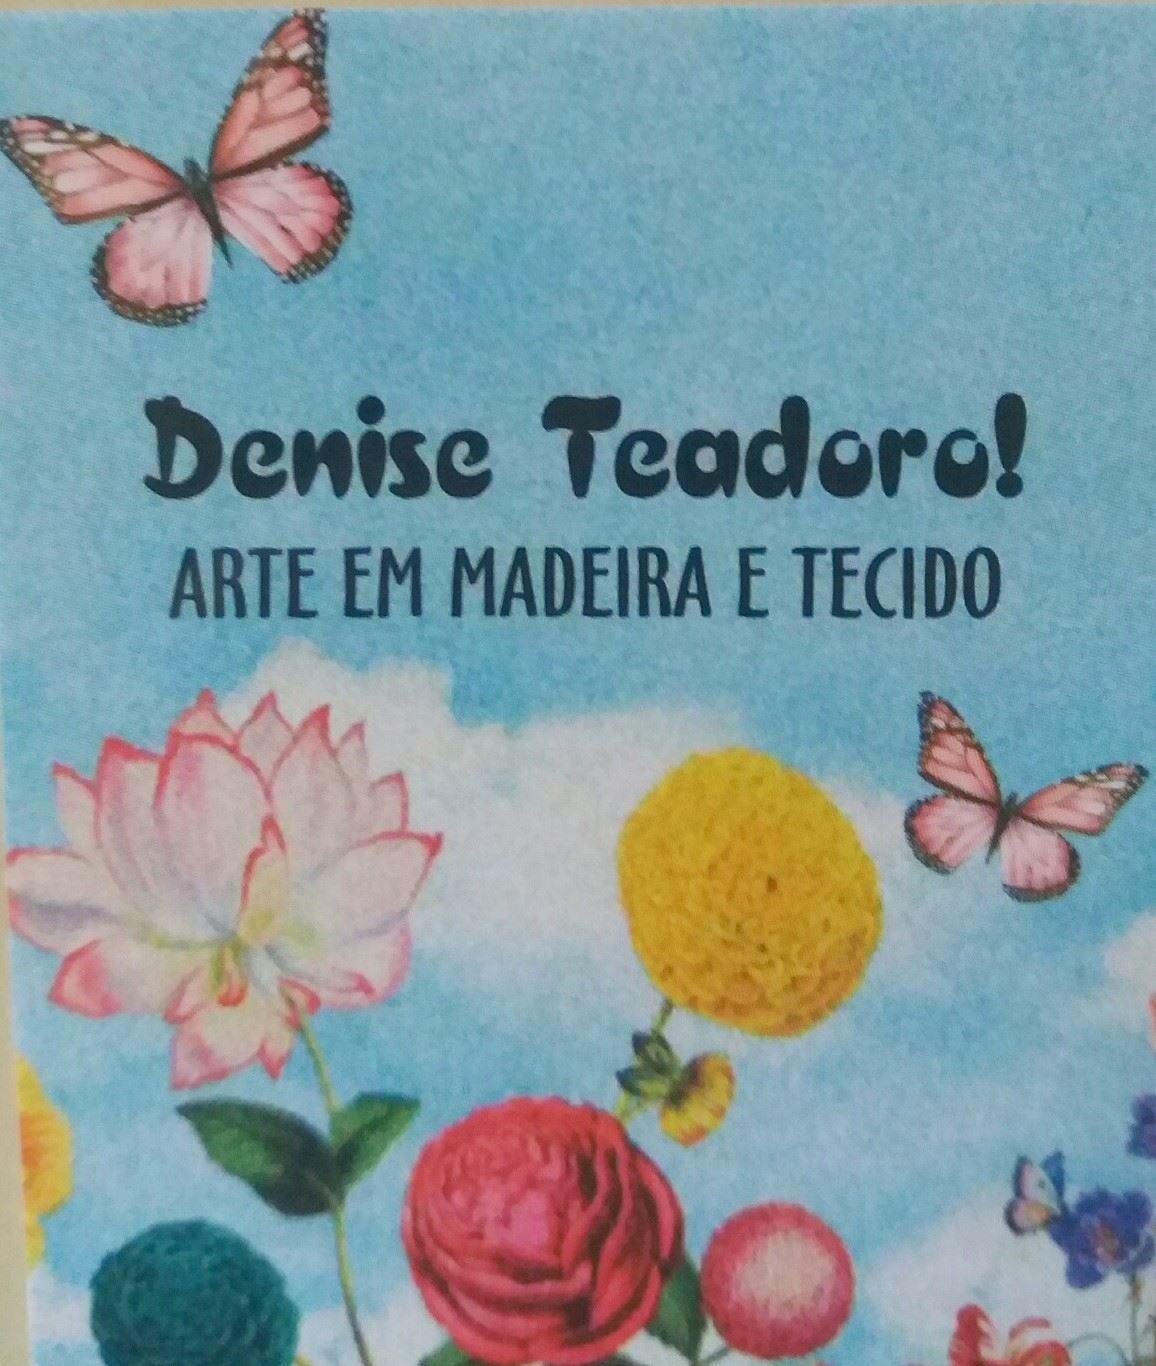 Logotipo - Denise Teadoro!